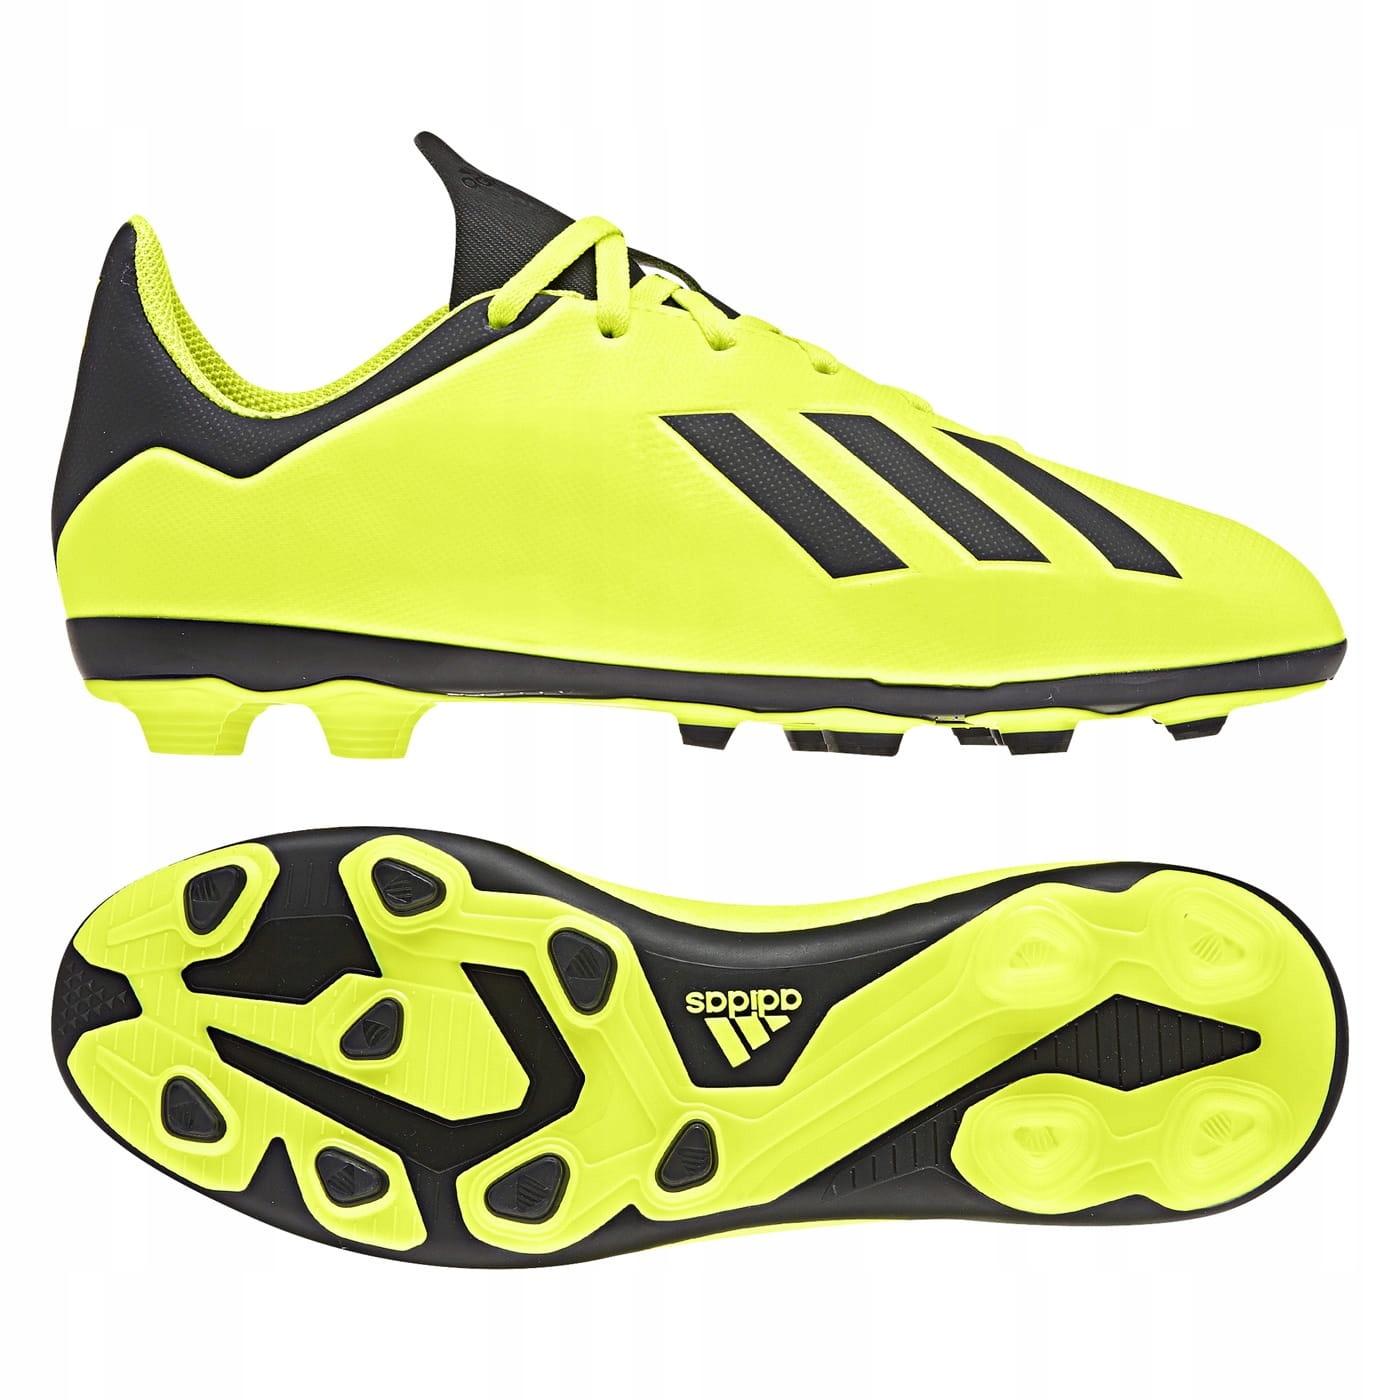 Buty piłkarskie korki ADIDAS JUNIOR X 18.4 r:38